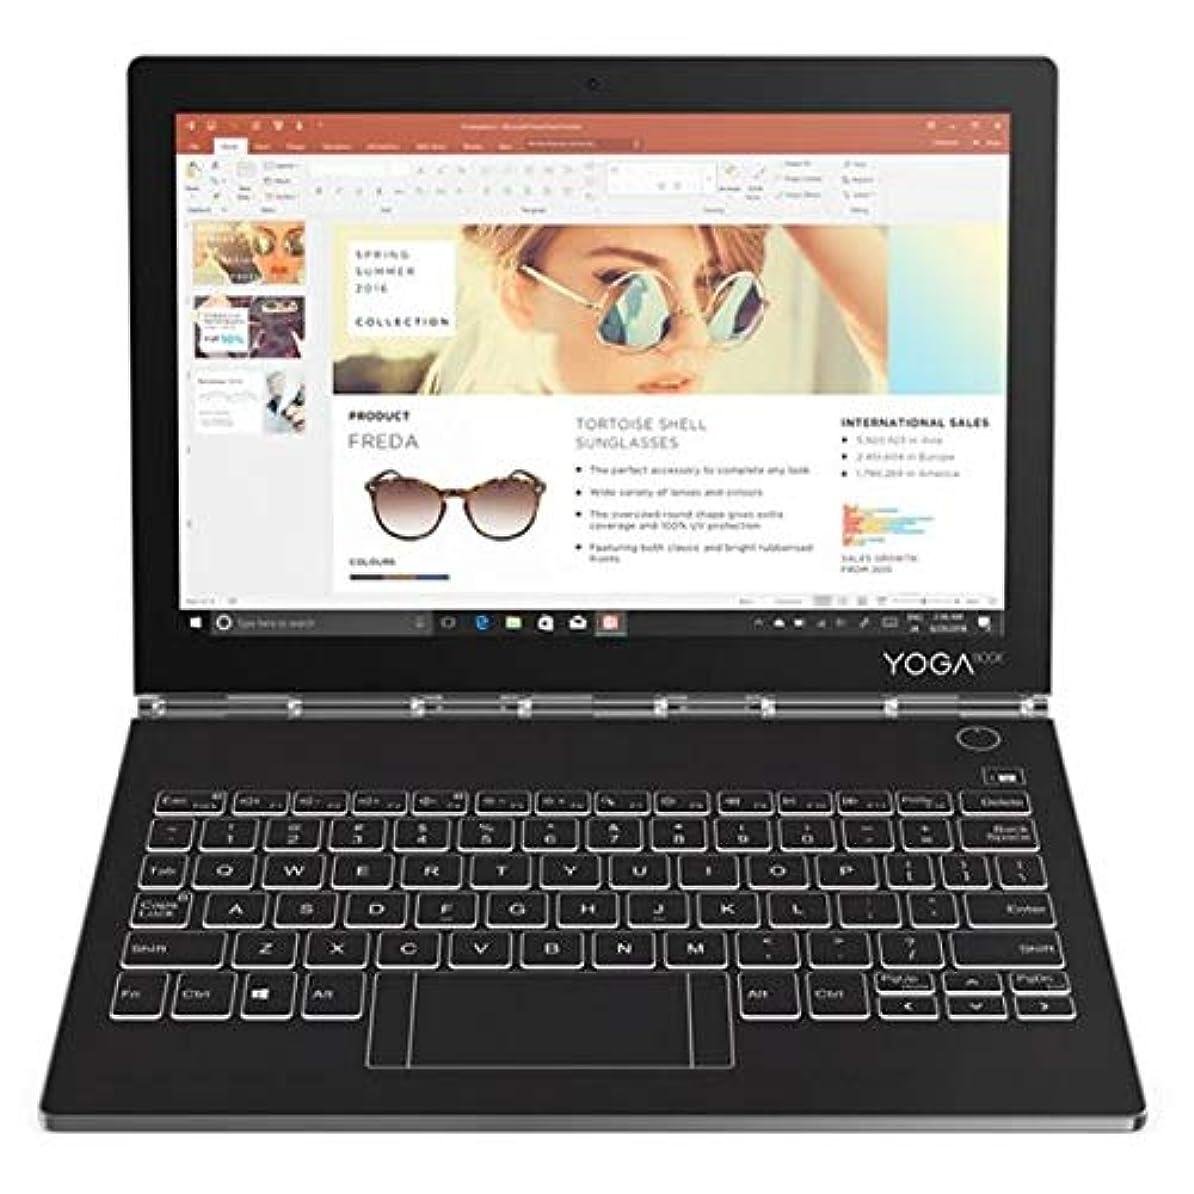 主観的貧困くそーレノボ Yoga Book C930 ZA3S0052JP Core m3 メモリ 4GB SSD 128GB 10.1インチ WQXGA タッチパネル Windows10